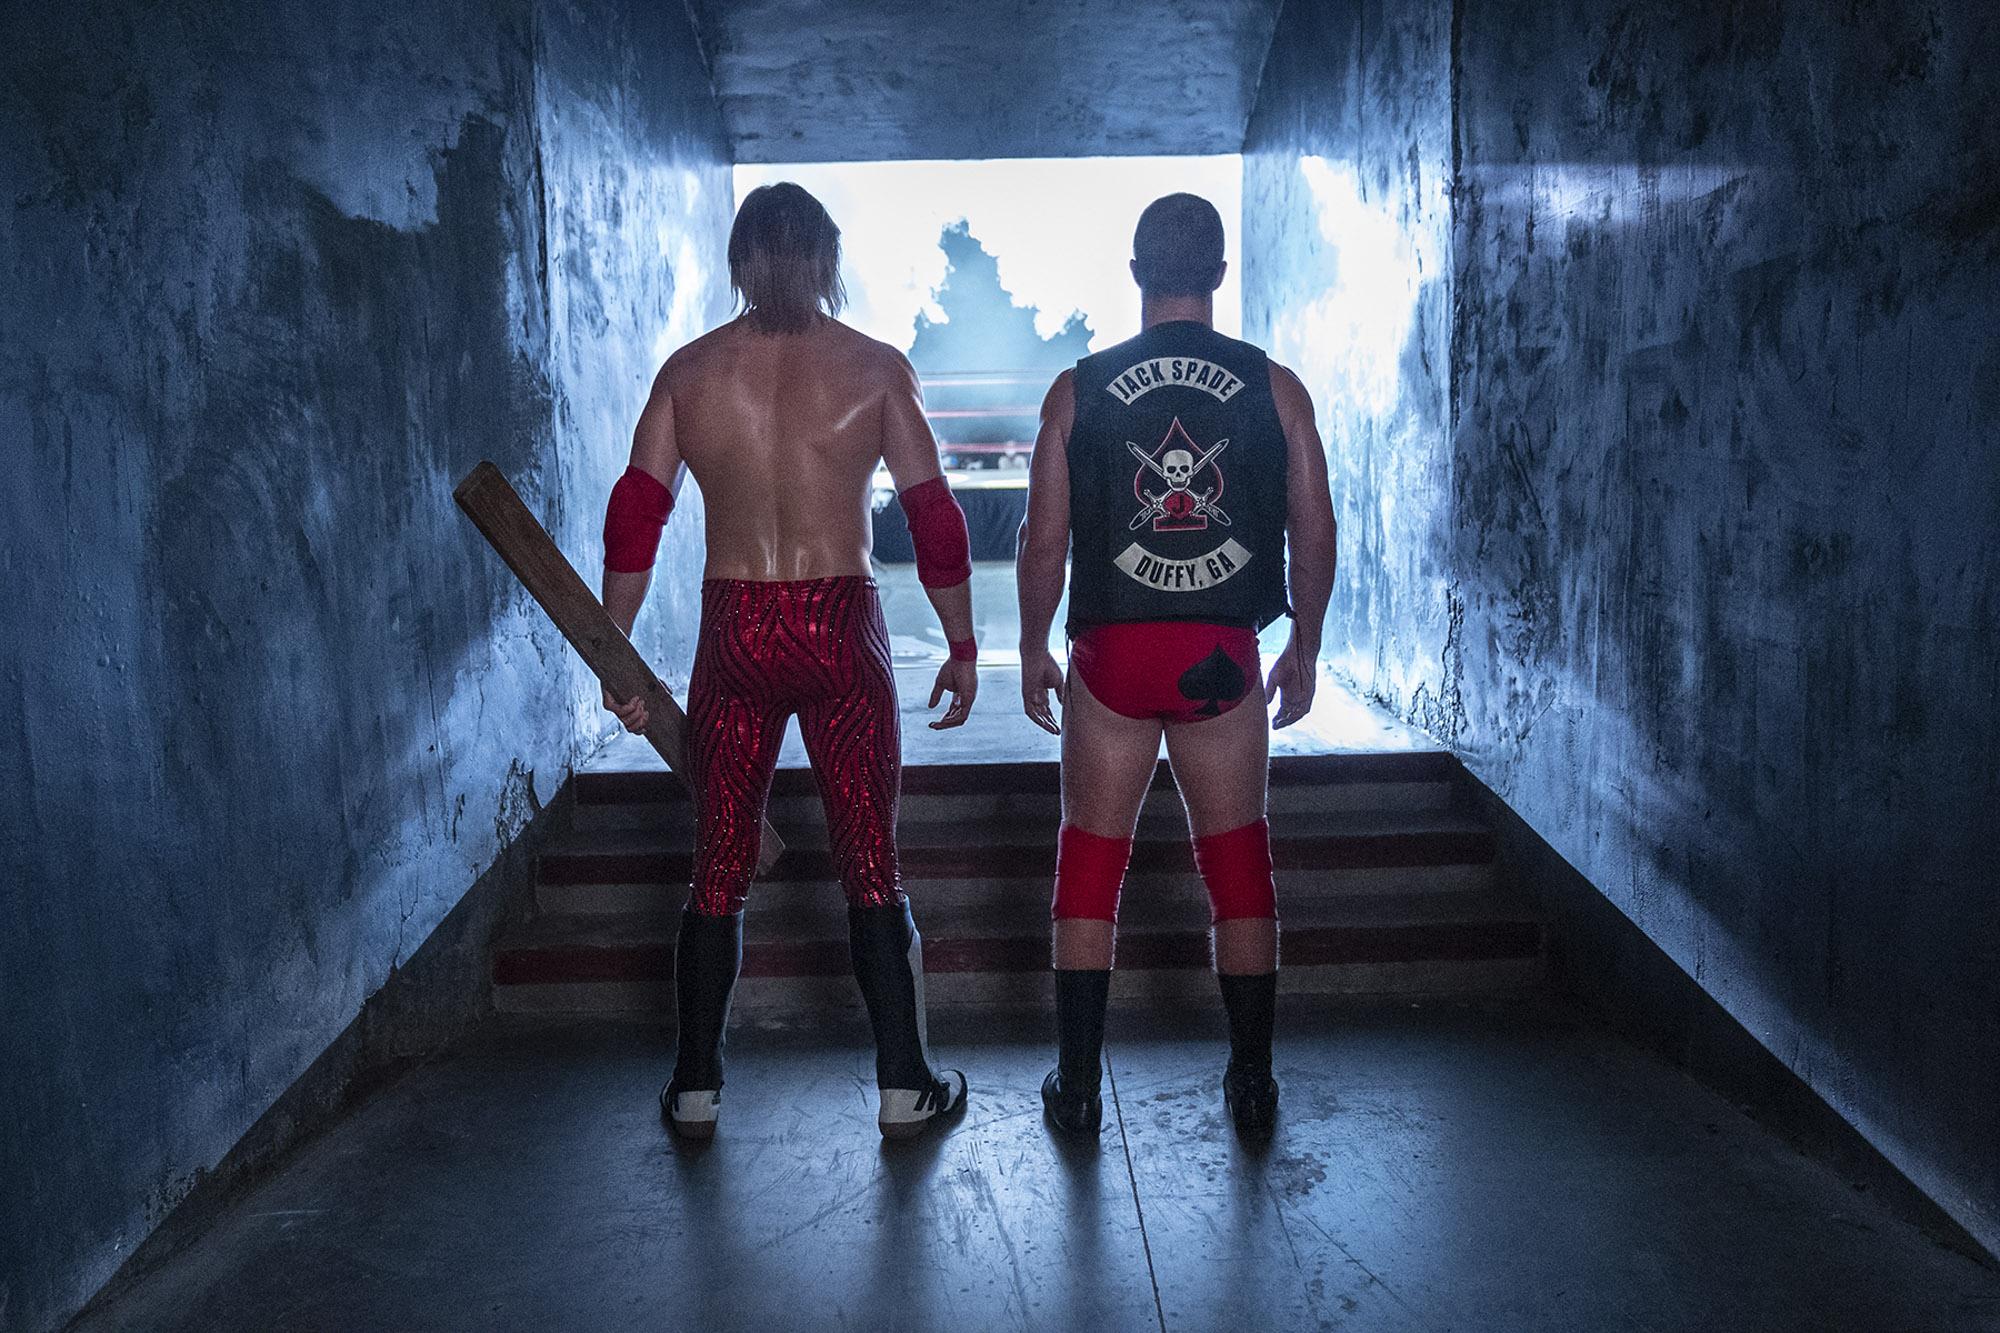 تصاویر جدیدی که از پشت صحنه و ساخت سریال Heels منتشر شده است، نشان می دهد که بازیگران این فیلم سکانس های ورزشی و بدلکاریهایشان را خود انجام می دهند